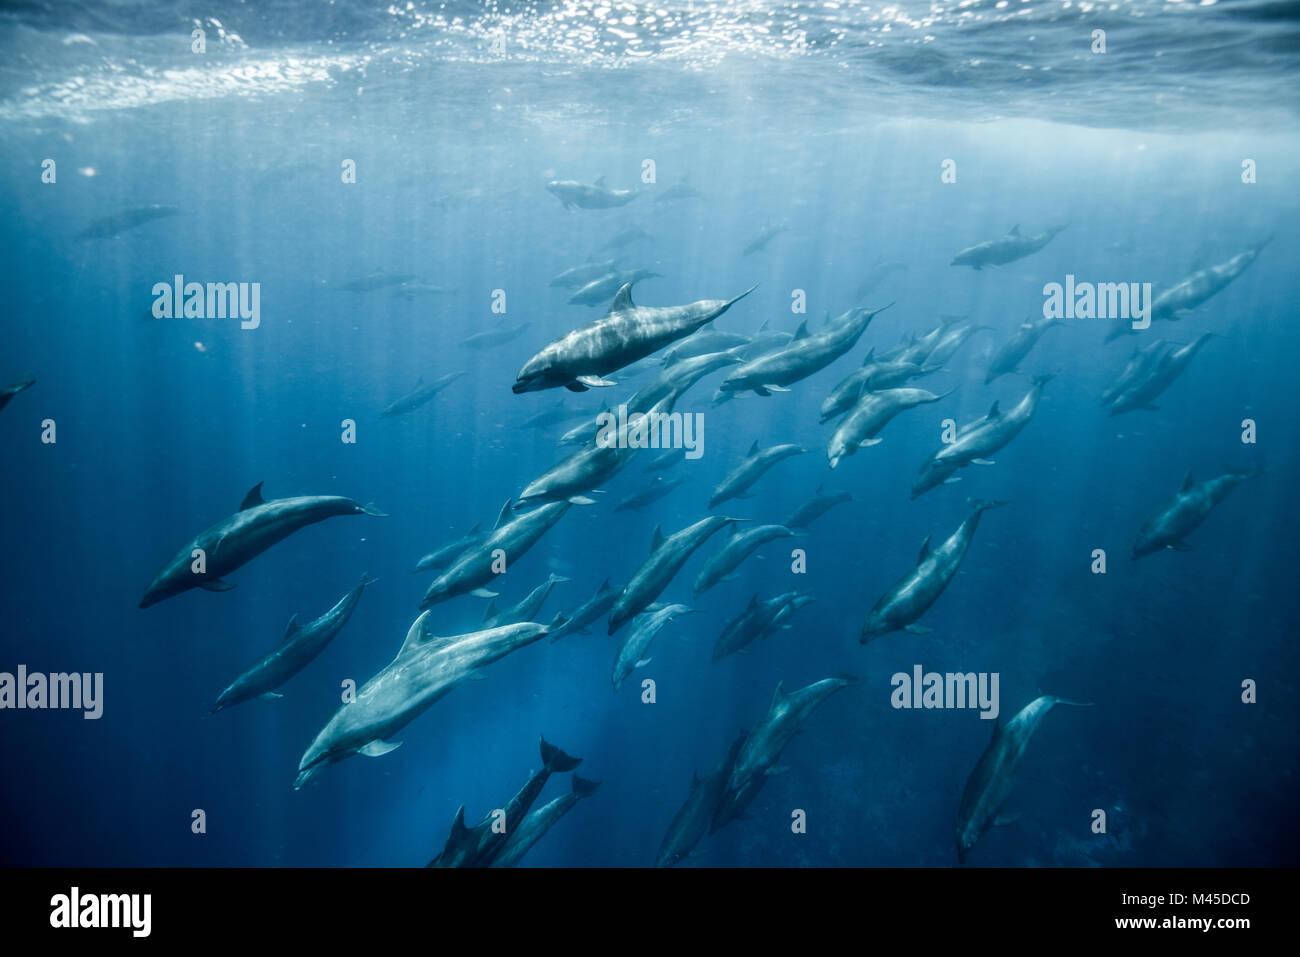 Gran grupo de delfines mulares, Seymour, Galápagos, Ecuador, Sudamérica Imagen De Stock